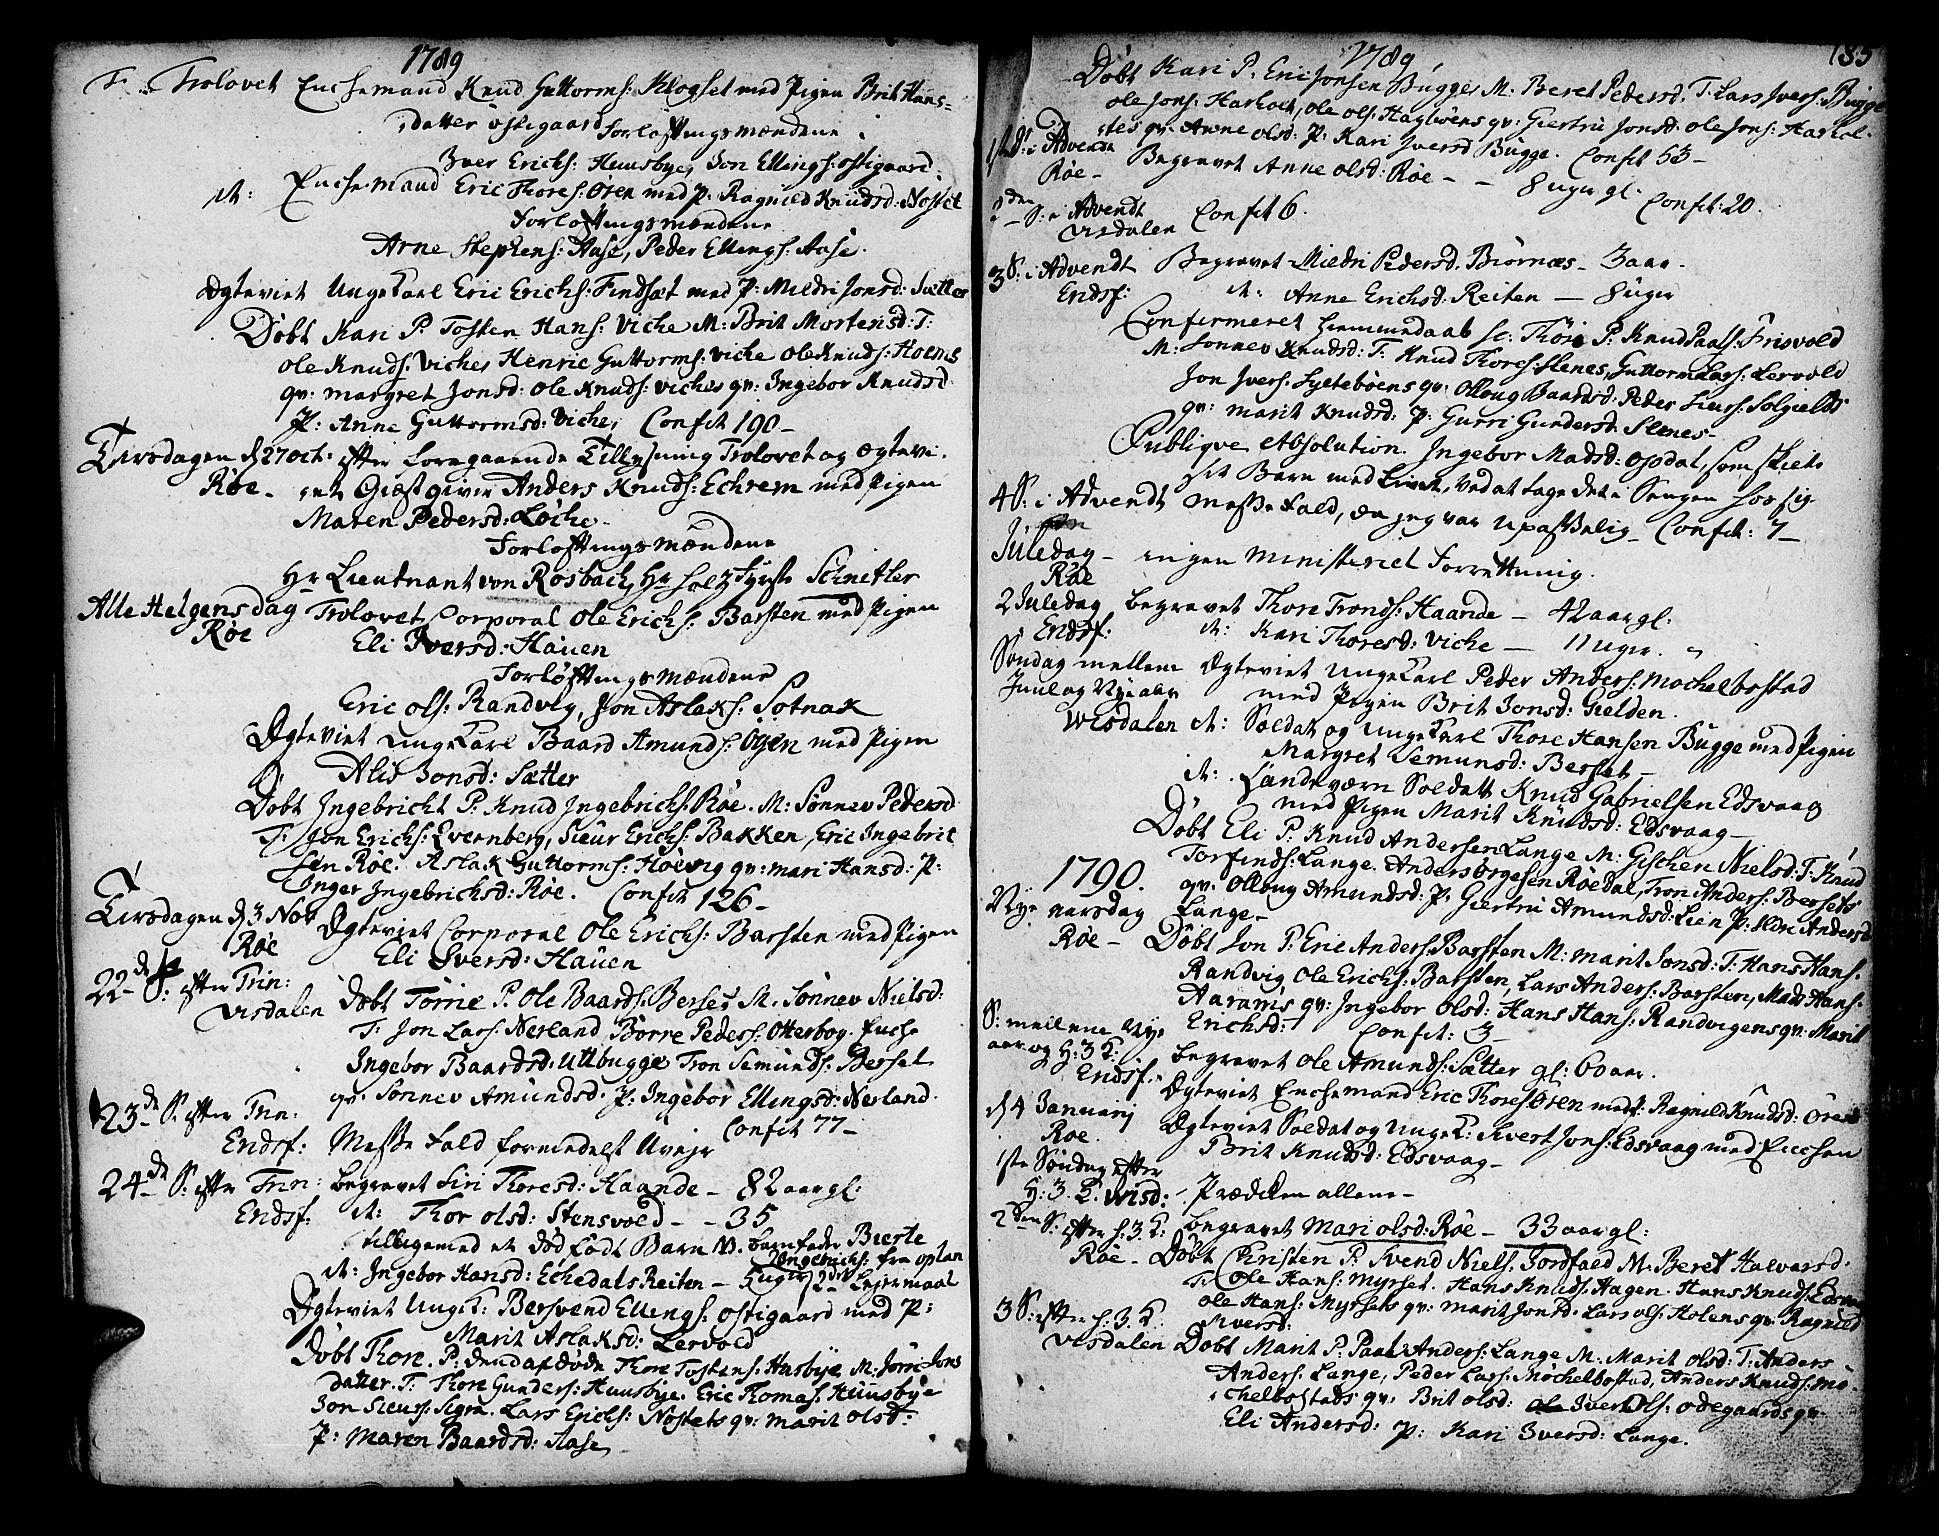 SAT, Ministerialprotokoller, klokkerbøker og fødselsregistre - Møre og Romsdal, 551/L0621: Ministerialbok nr. 551A01, 1757-1803, s. 185